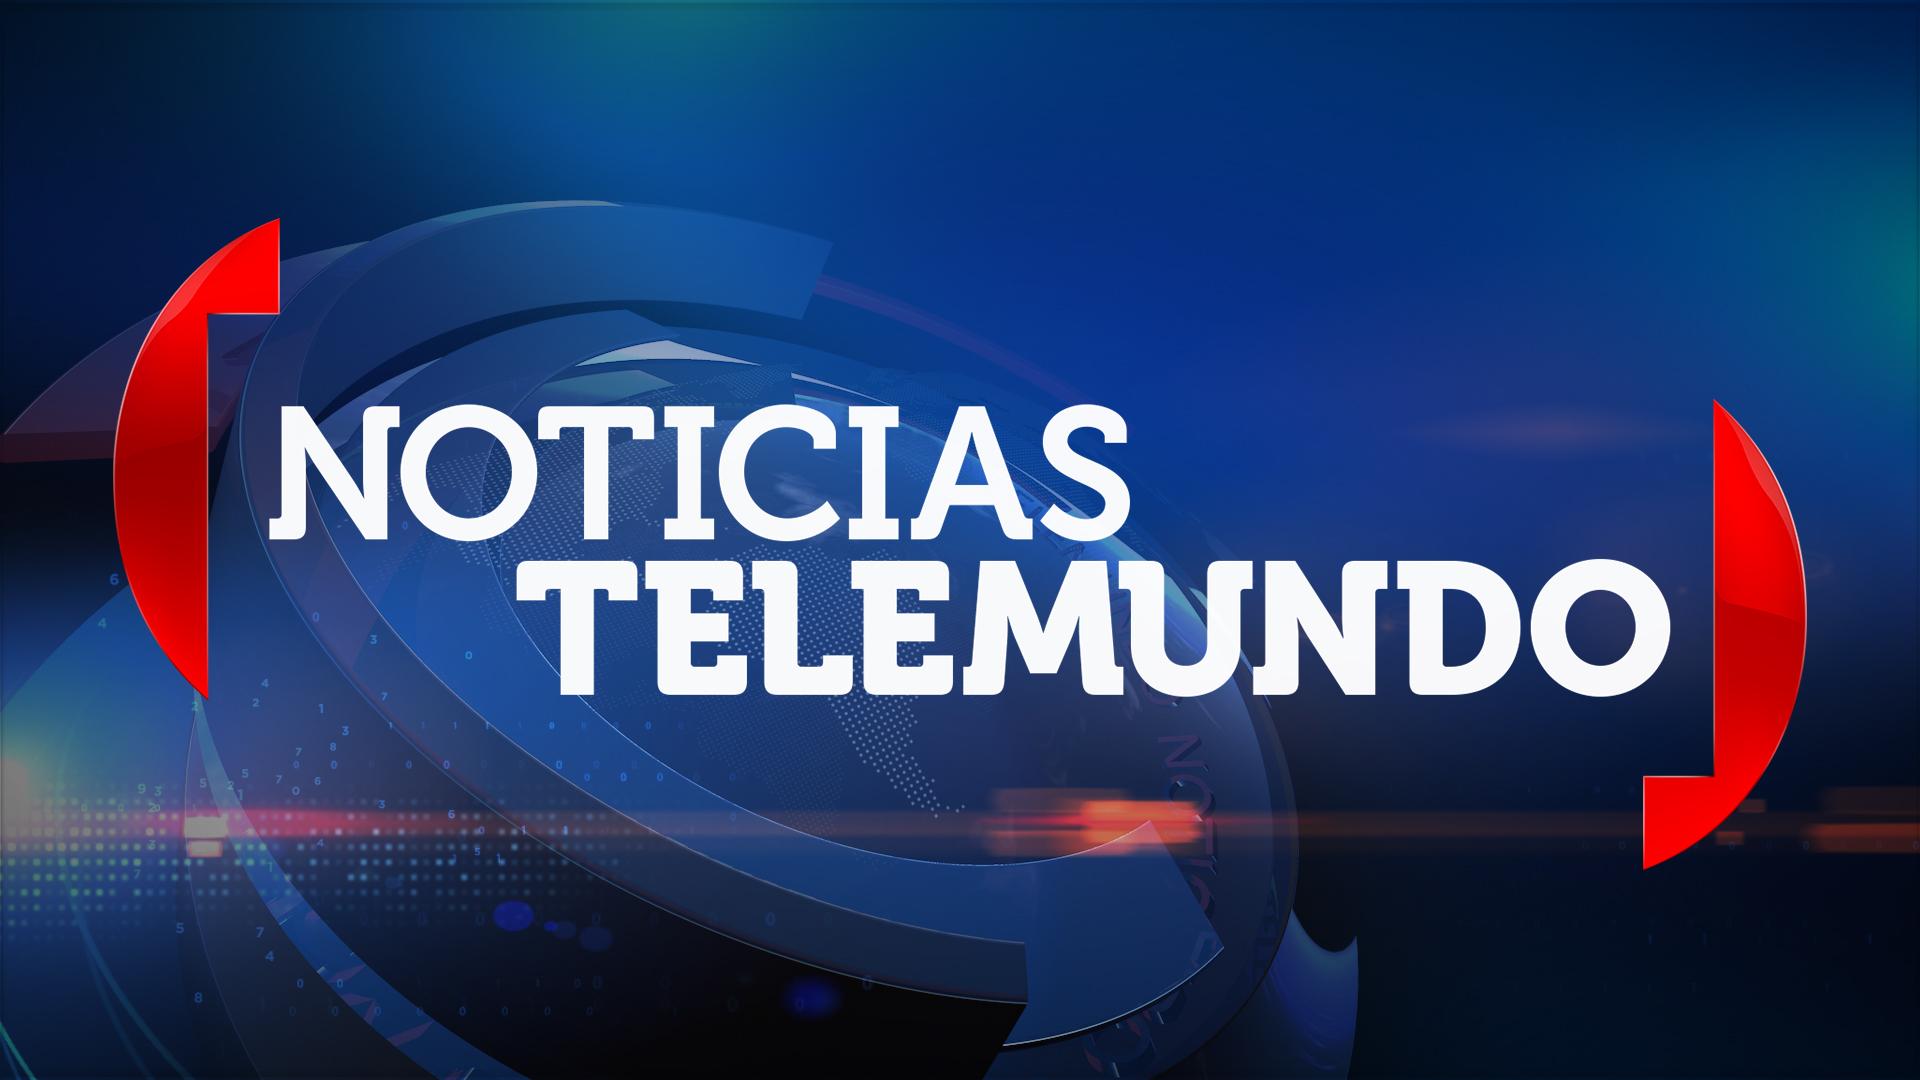 Telemundo Exalta 10 Manifestantes Anti-ICE Mientras Ignora 164 Mil Nuevos Empleos Para Latinos.